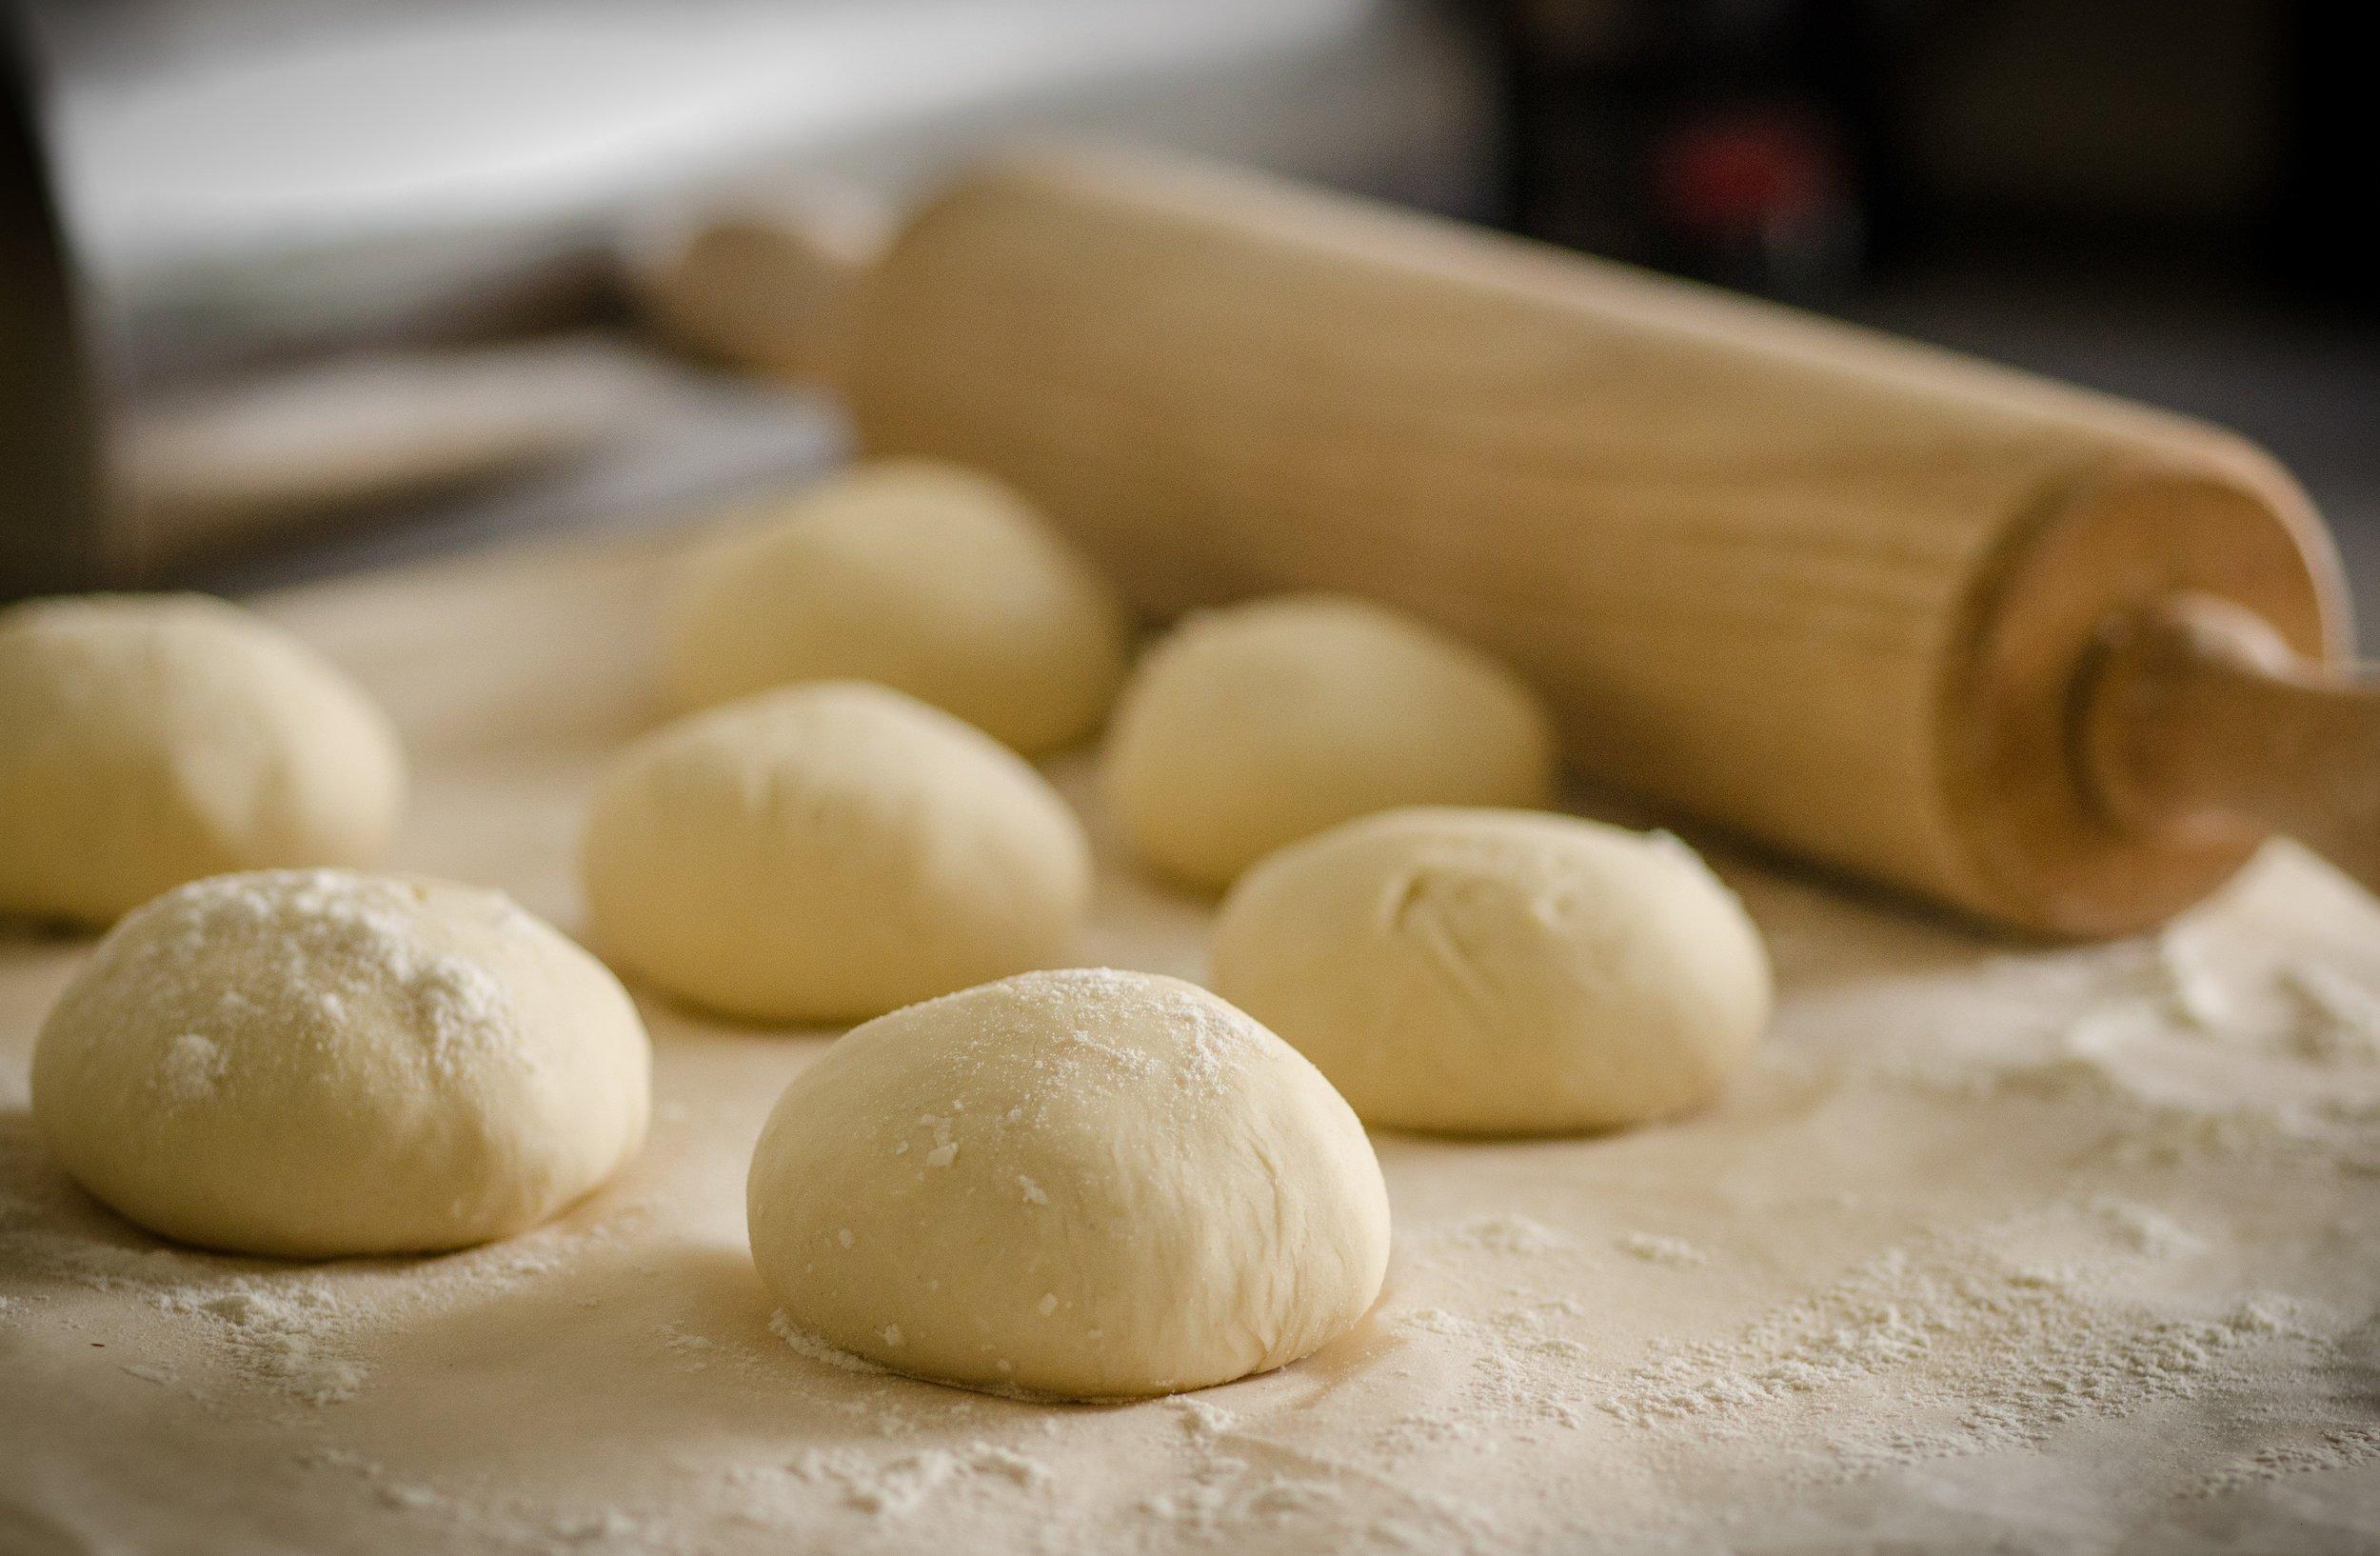 bake-bakery-baking-9510.jpg